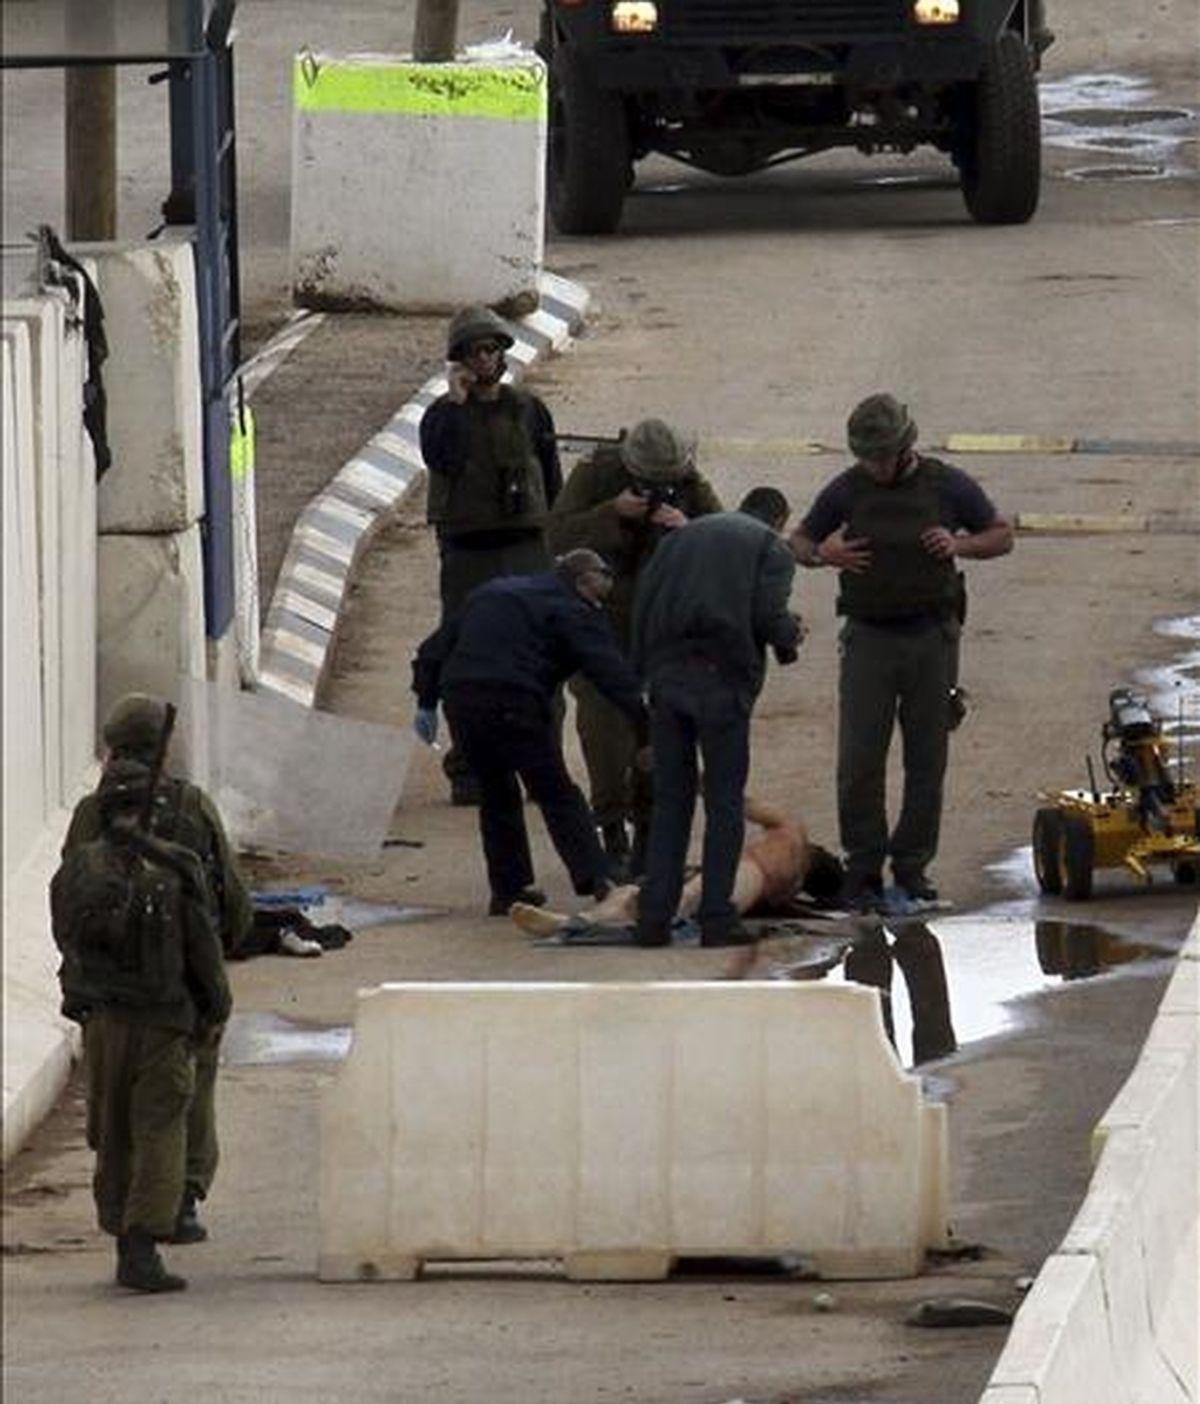 Soldados israelíes rodean el cadáver del joven palestino Khaldon Samodi, supuestamente muerto tras ser disparado por los soldados en el puesto de control fronterizo de Hamra, al este de Naplusa (Cisjordania), hoy, 8 de enero de 2011. EFE